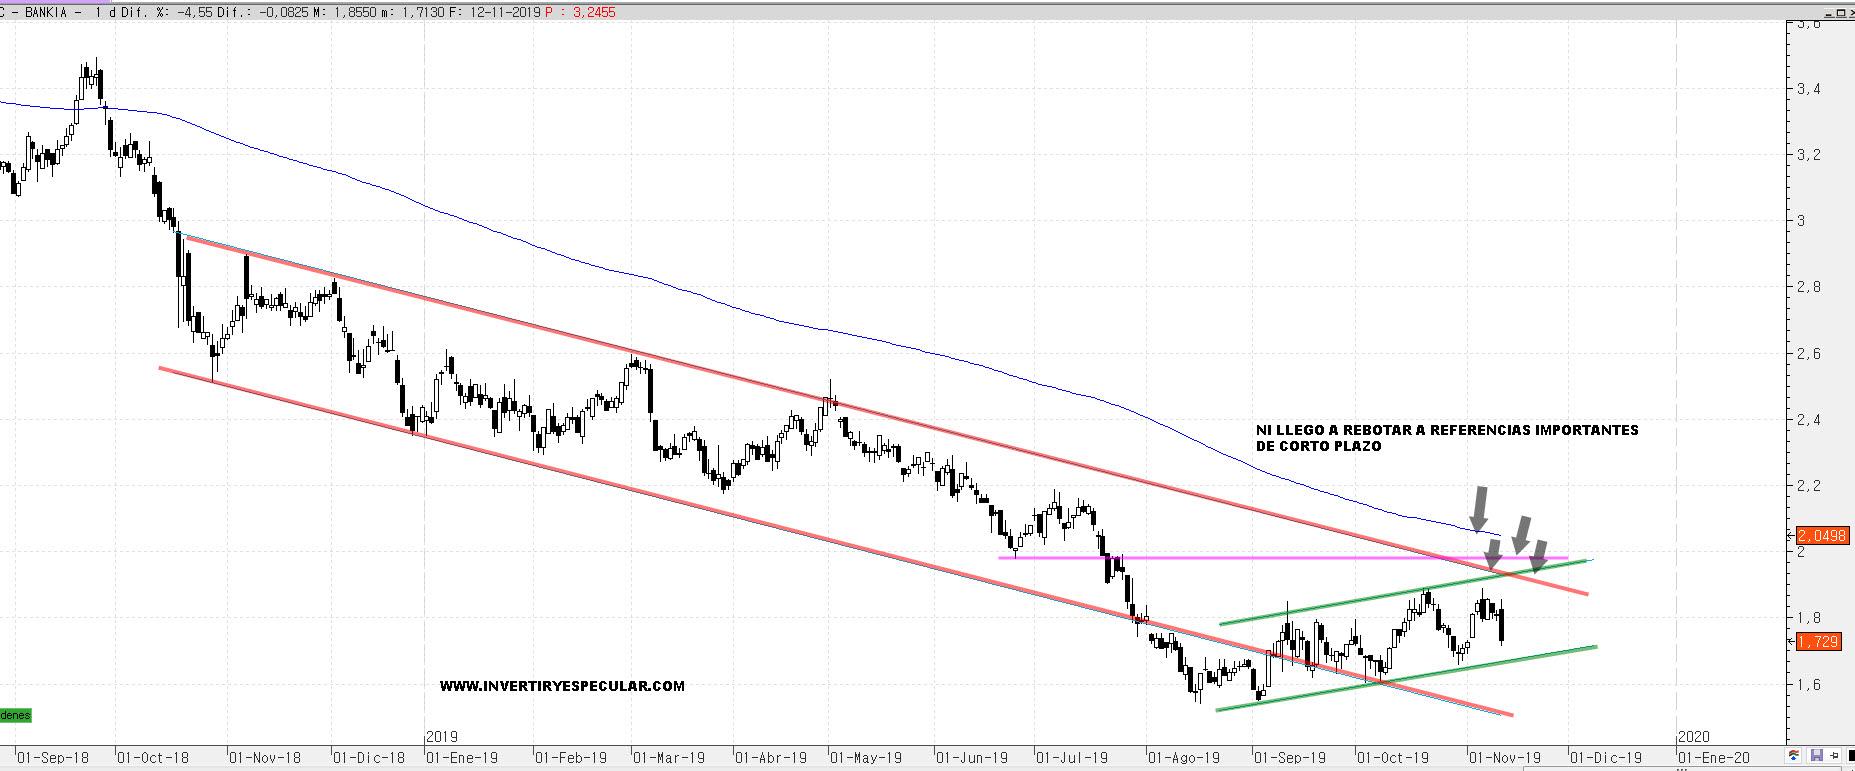 Valor estrellado de ayer : Bankia